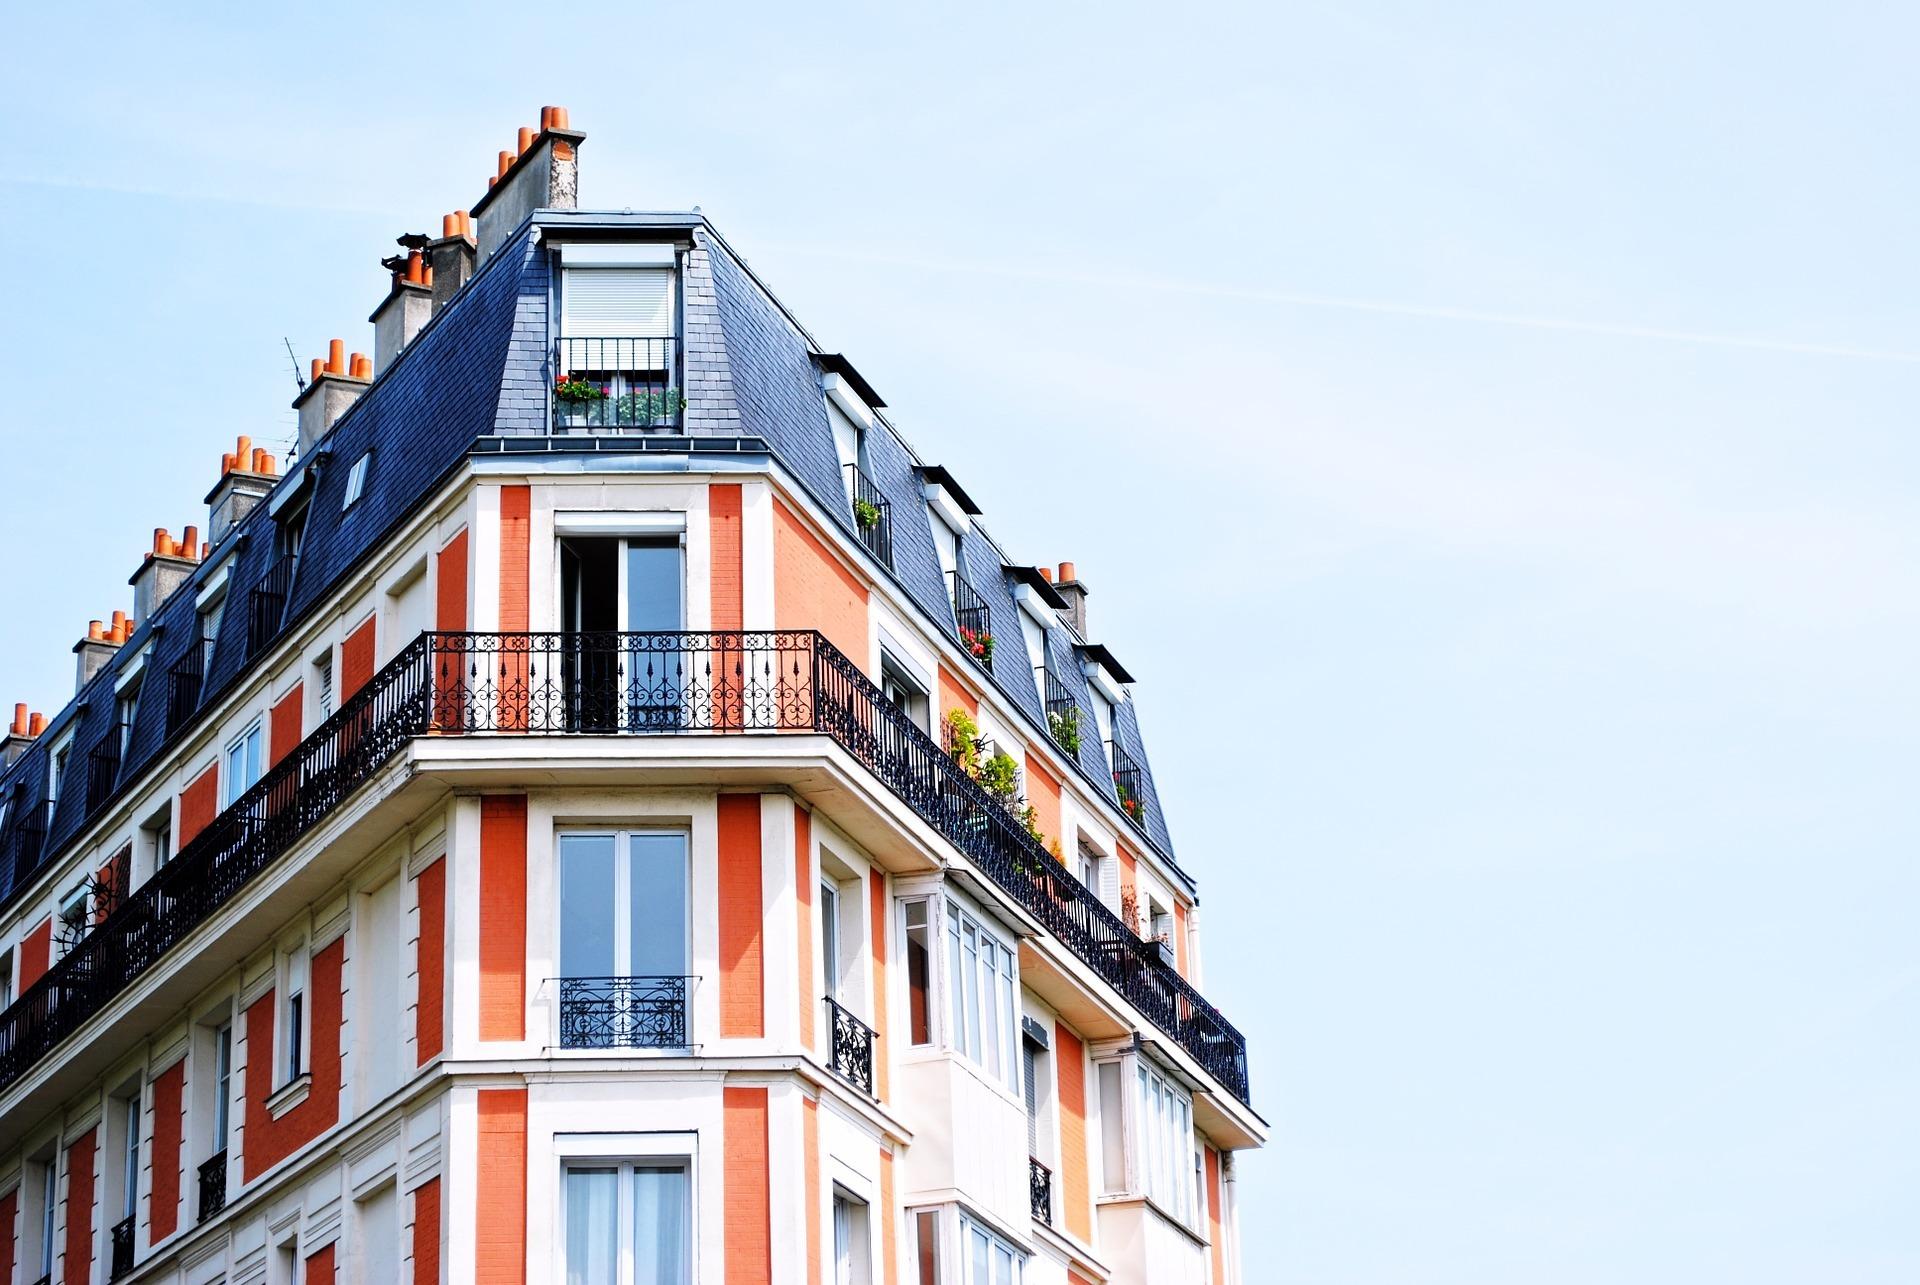 Seit dem 01. Januar 2020 ist das Wohngeldstärkungsgesetzt in Kraft. Rund 660.000 Haushalte profitieren von der Erhöhung des Wohngelds. Den Staat kostet der Zuschuss rund 1,2 Milliarden Euro.